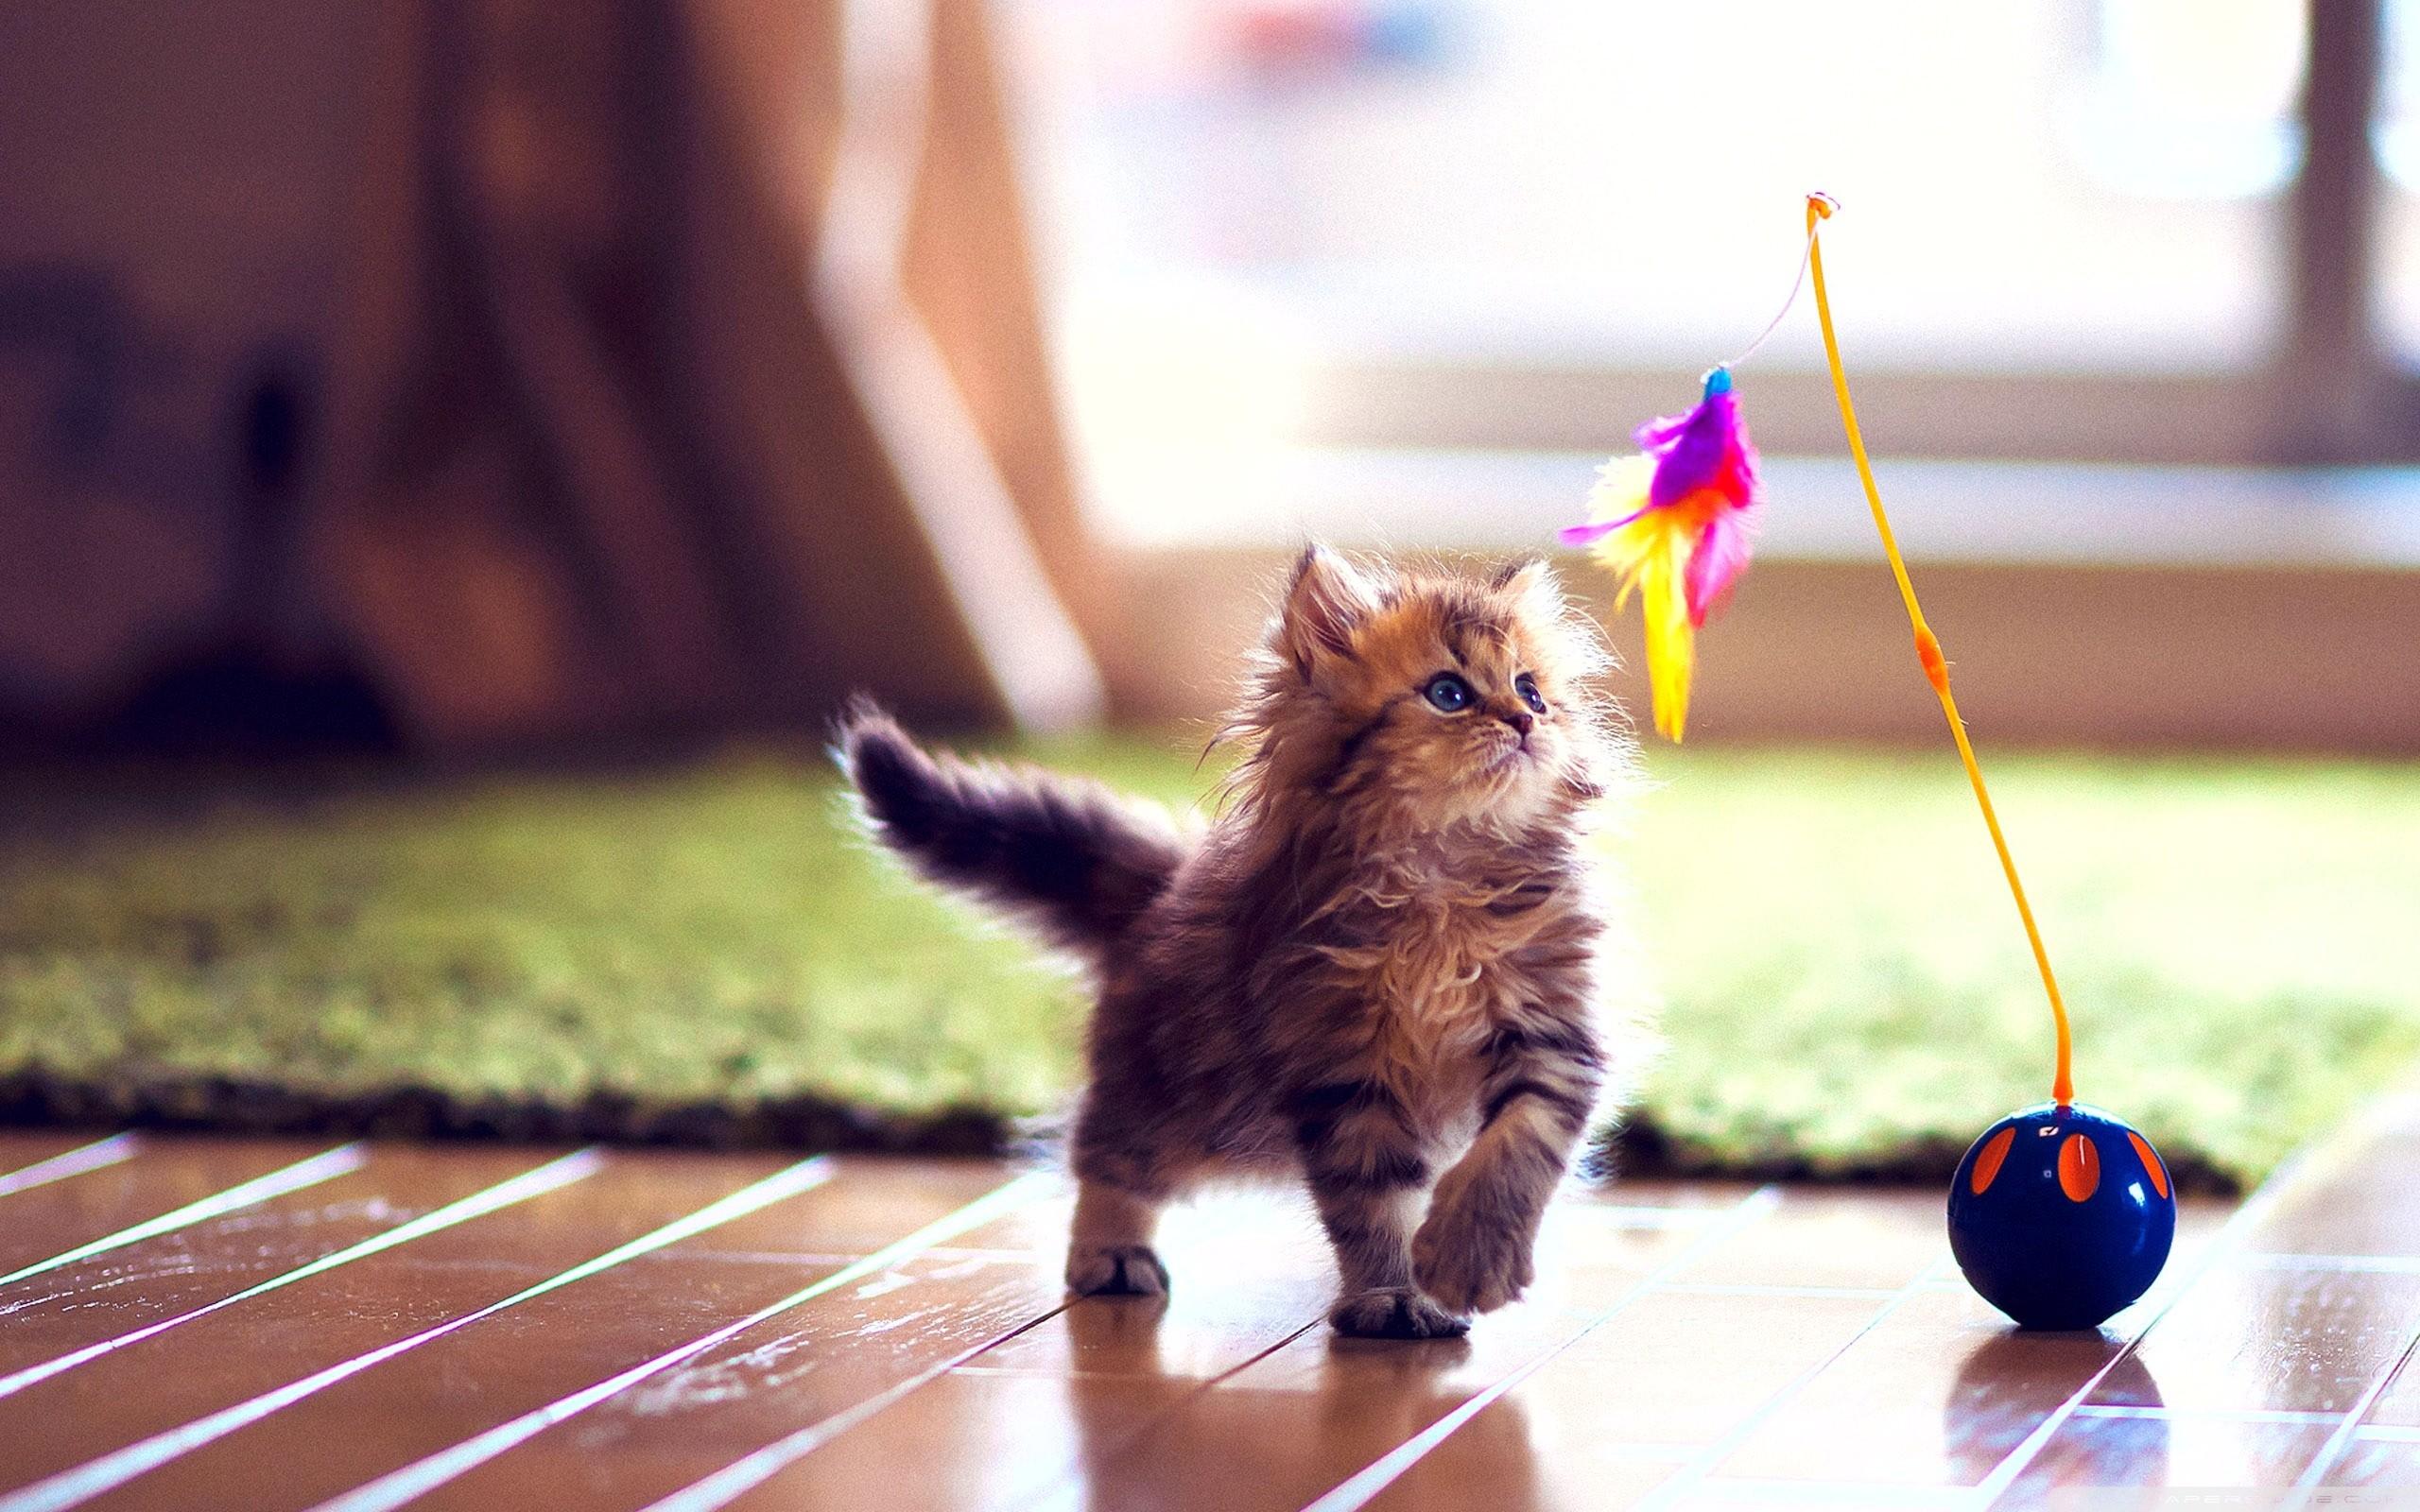 Cute Kitten Wallpapers ·â'